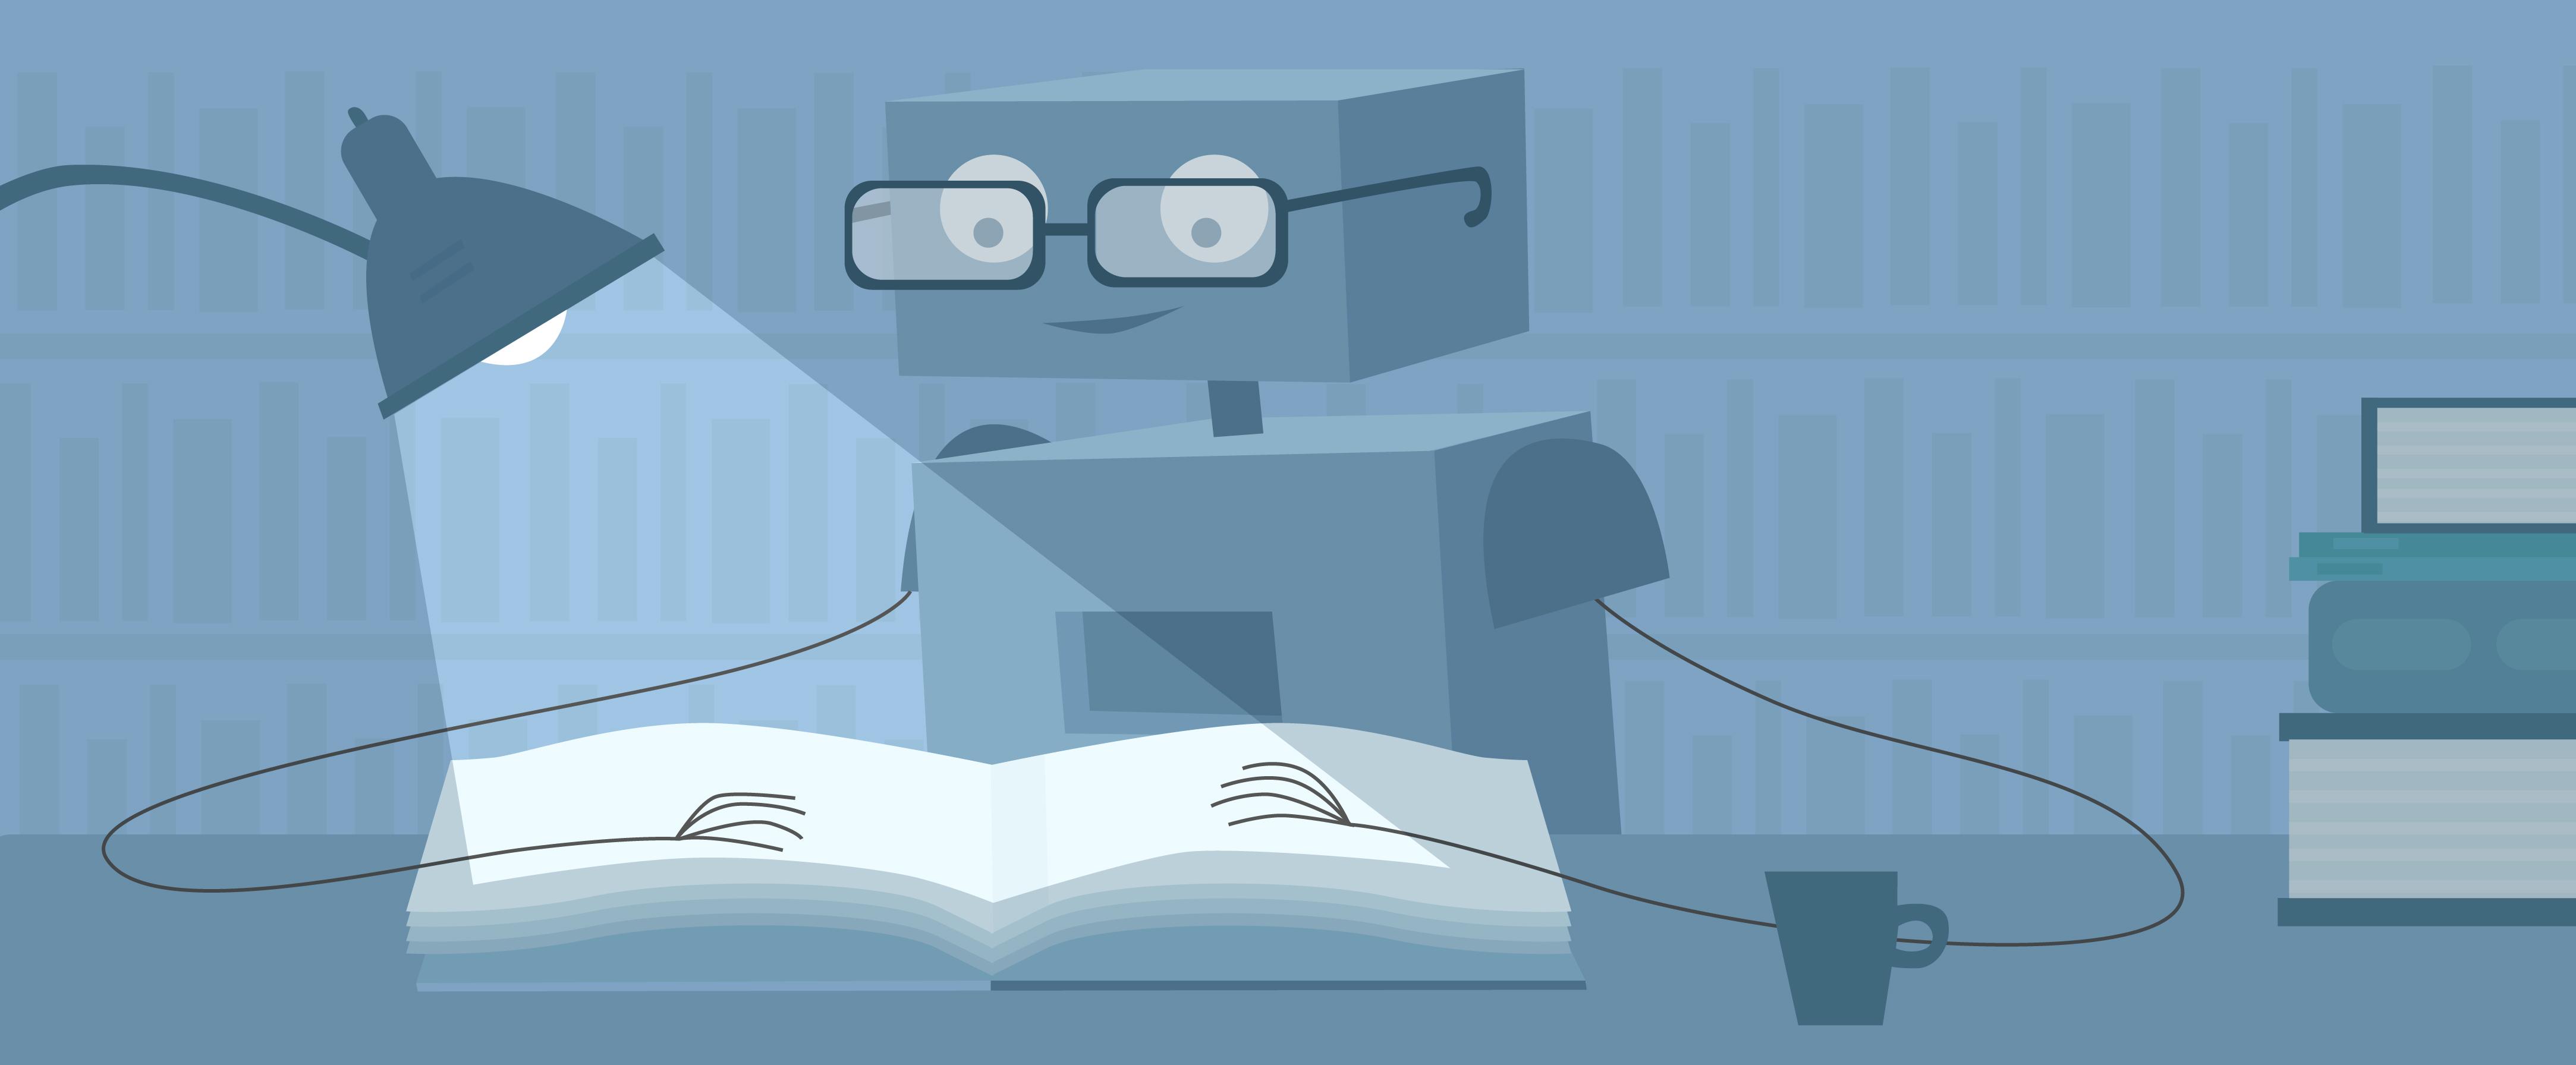 Un mundo nuevo, parte 1: ¿Qué es la web semántica?